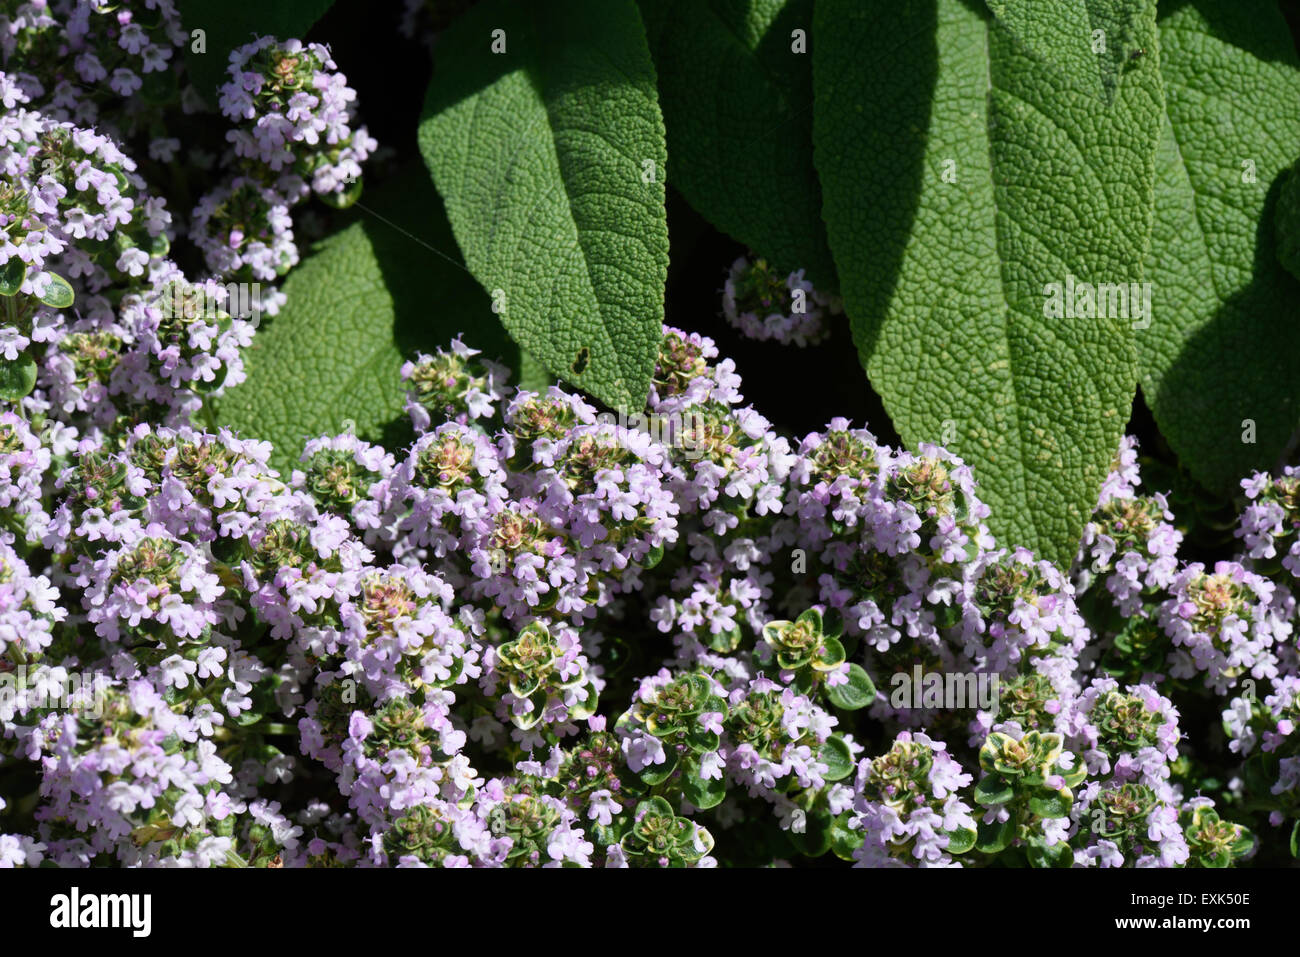 Letto rialzato per le erbe aromatiche, timo (fioritura) e salvia per uso in cucina Immagini Stock